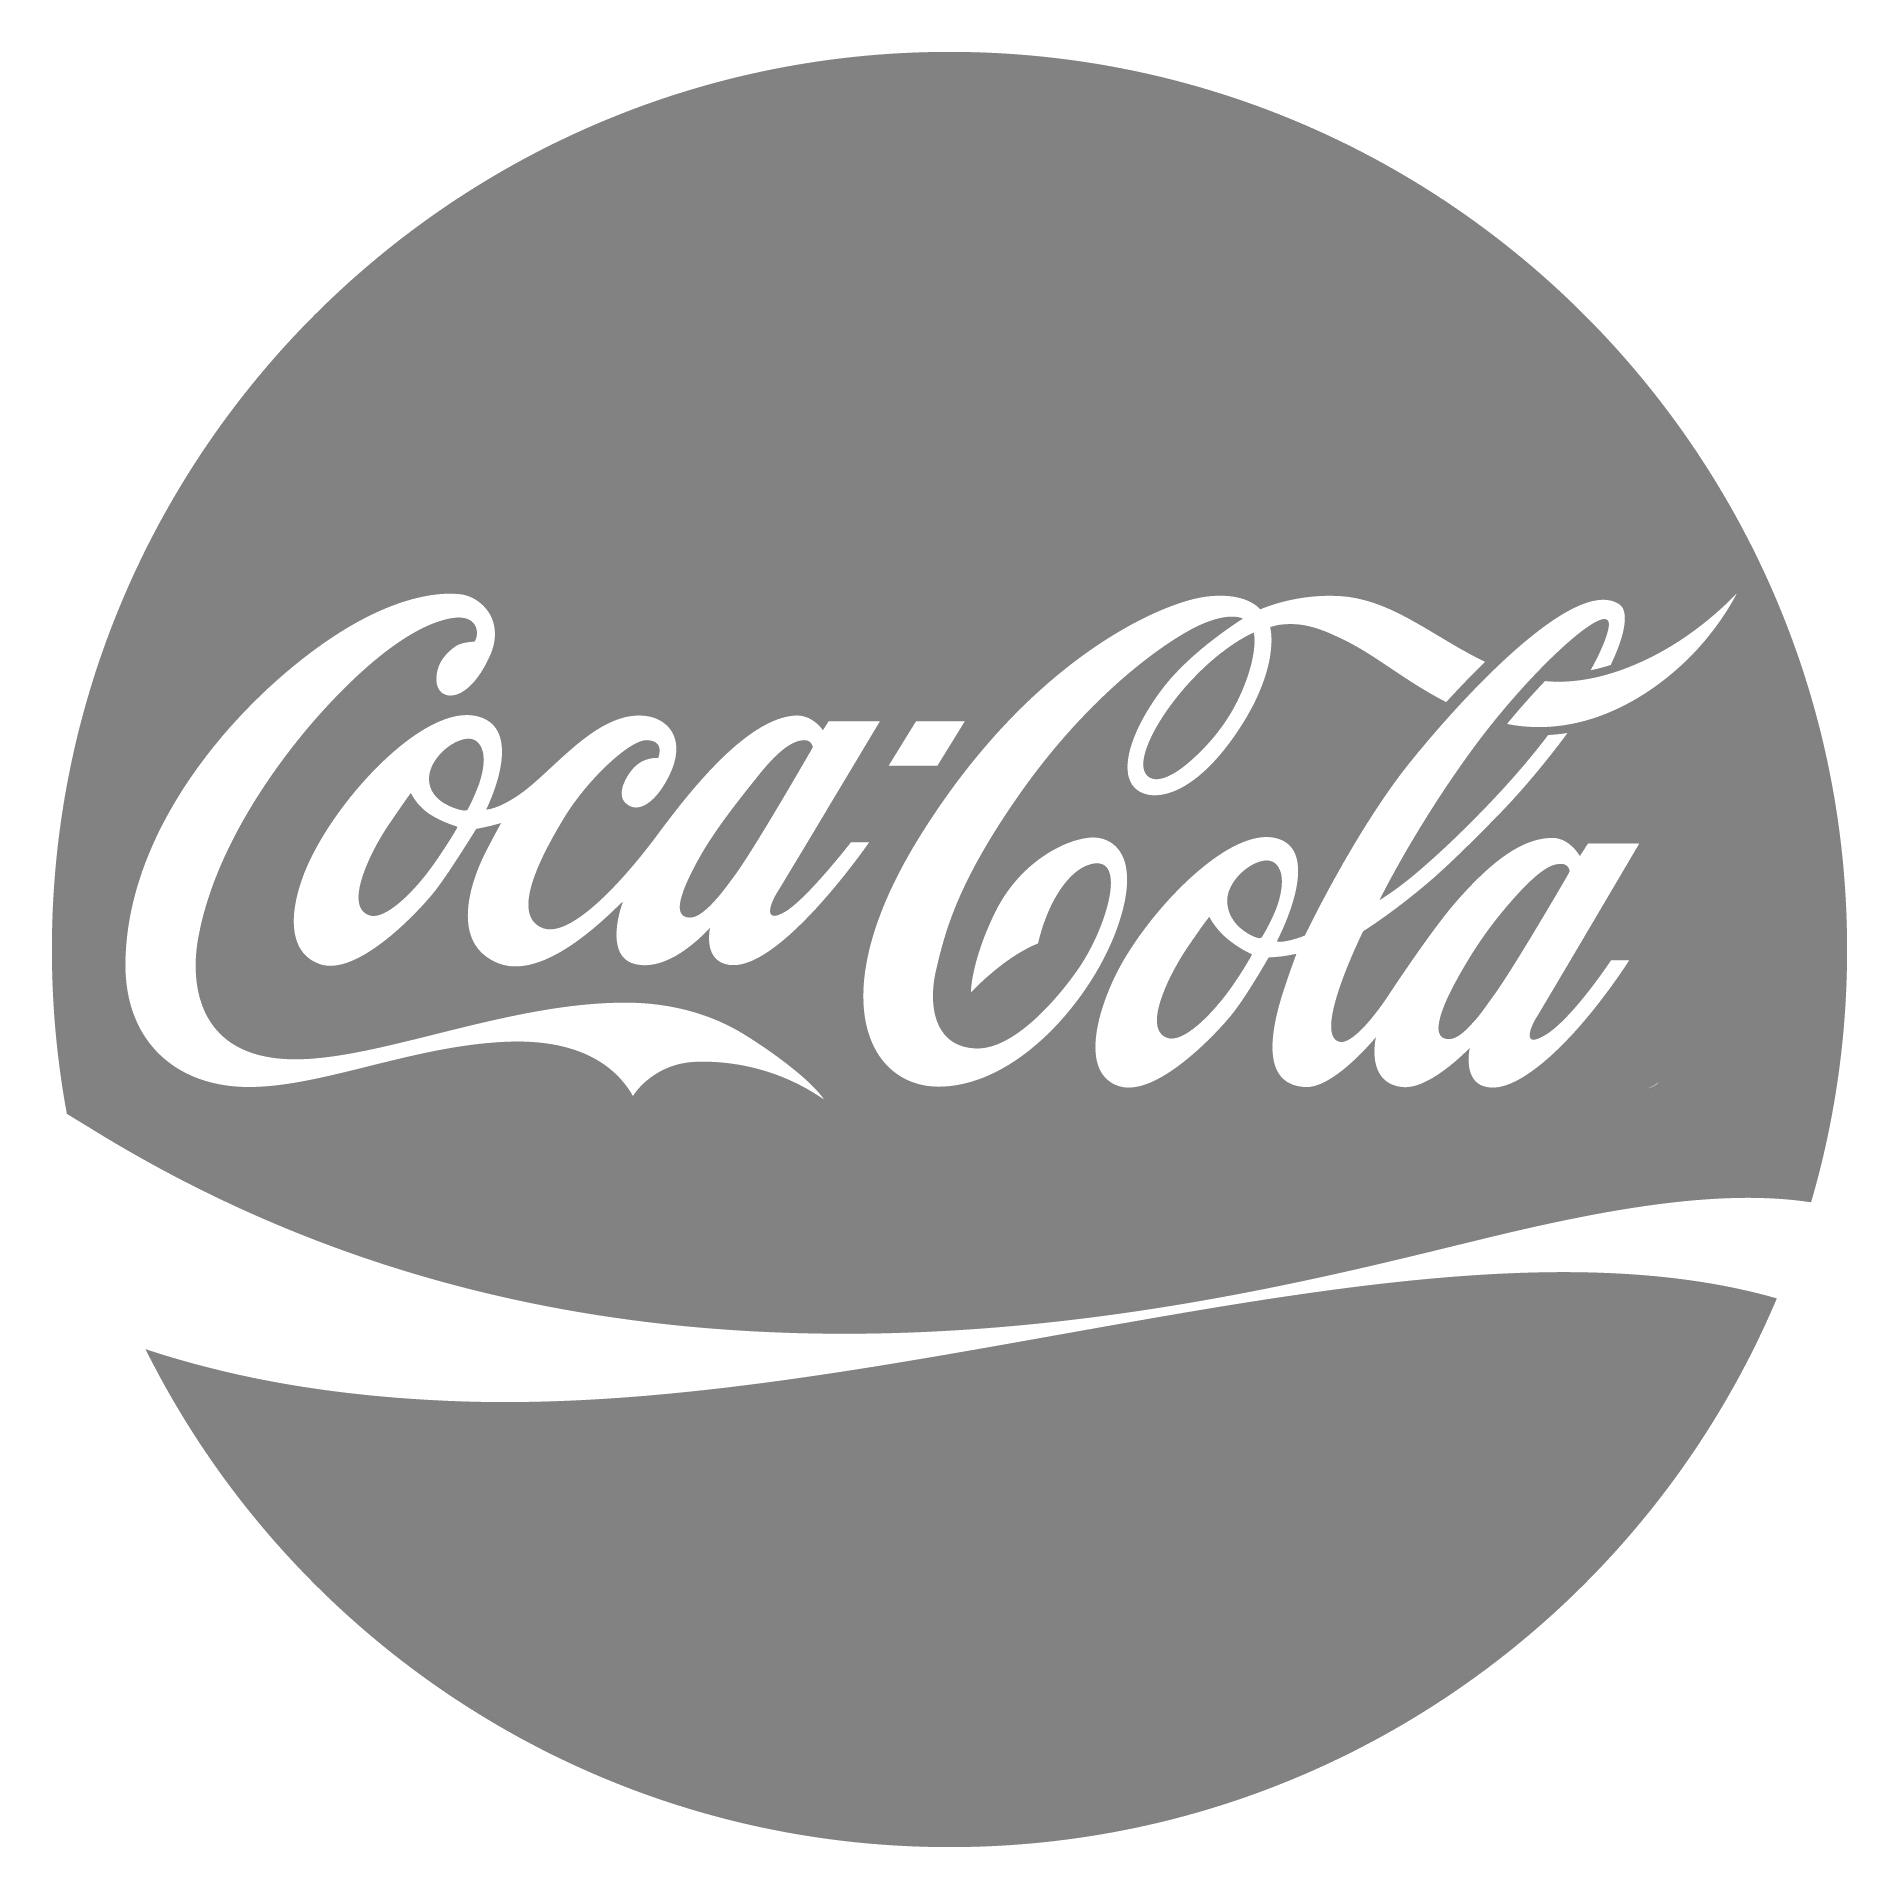 download-coca-cola-logo-PNG-transparent-images-transparent-backgrounds-PNGRIVER-COM-Coca-Cola-Logo.png